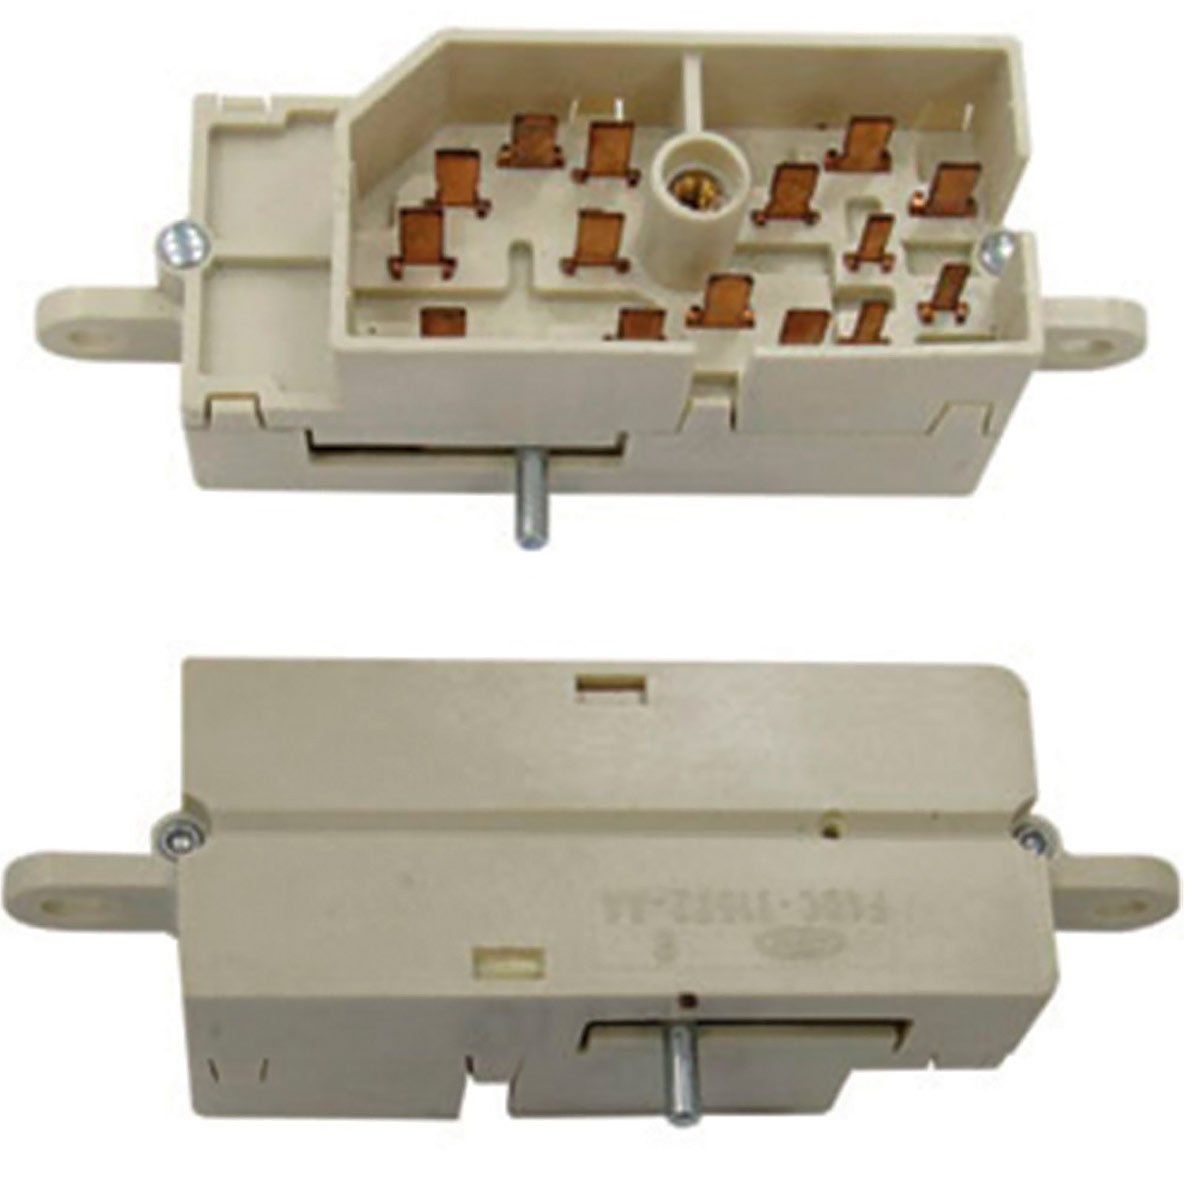 Comutador Elétrico Ignição e Partida Trava Direção F12000 F14000 F16000 F250 F4000 Ranger 98 A 2005